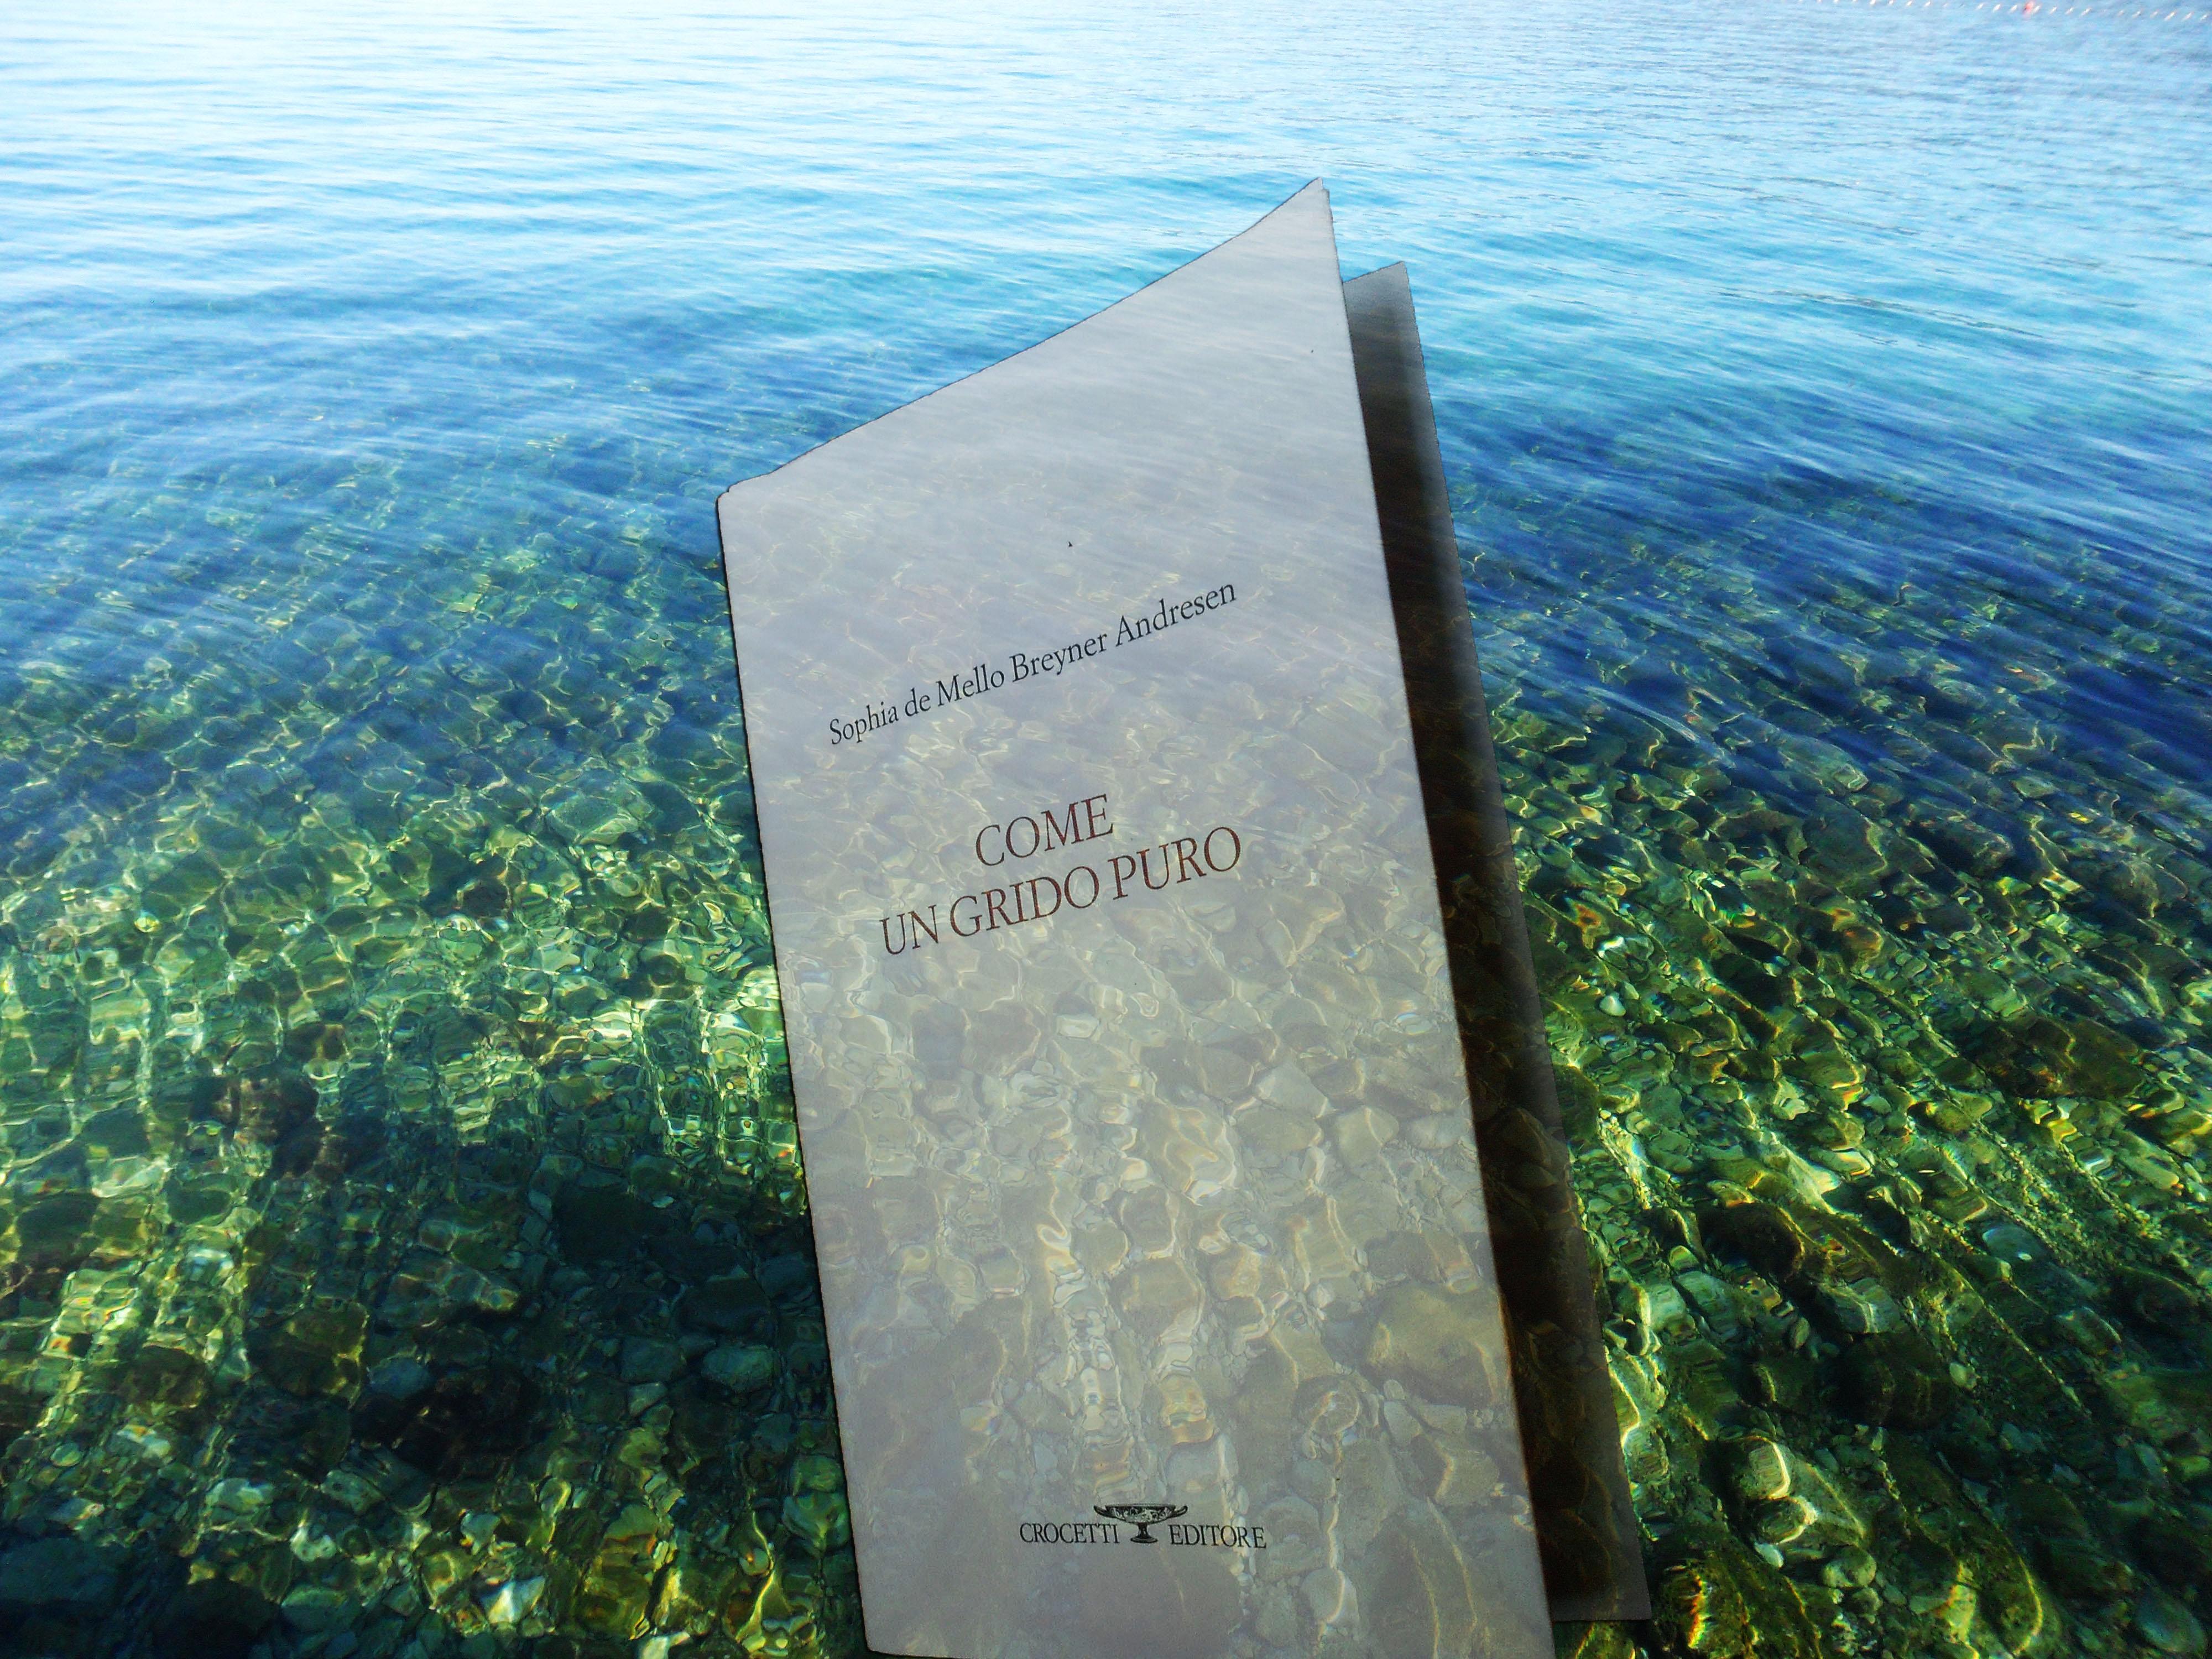 """Sophia de Mello Breyner Andersen, """"Come un  grido puro"""", Crocetti 2013"""